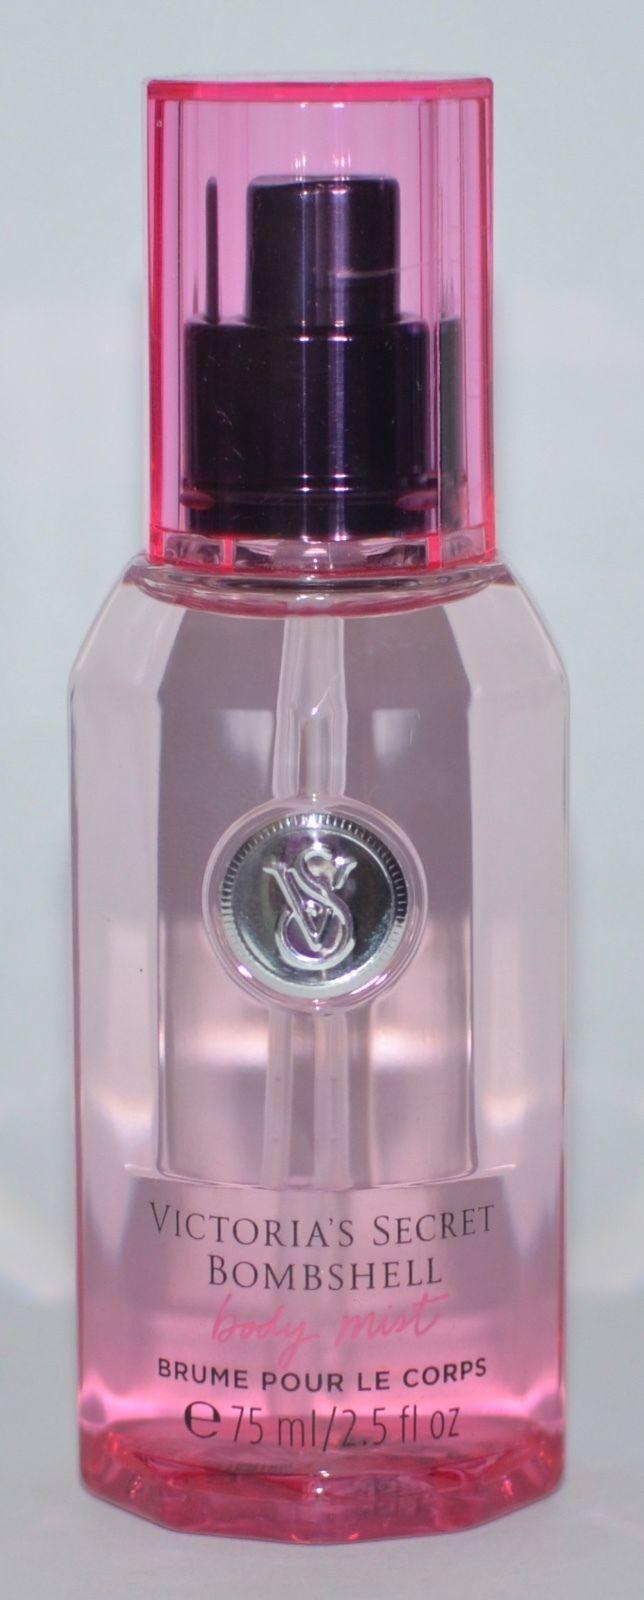 287a19599aa Victoria s Secret Bombshell Body Mist Fragrance Spray Travel Size Perfume  2.5 Oz